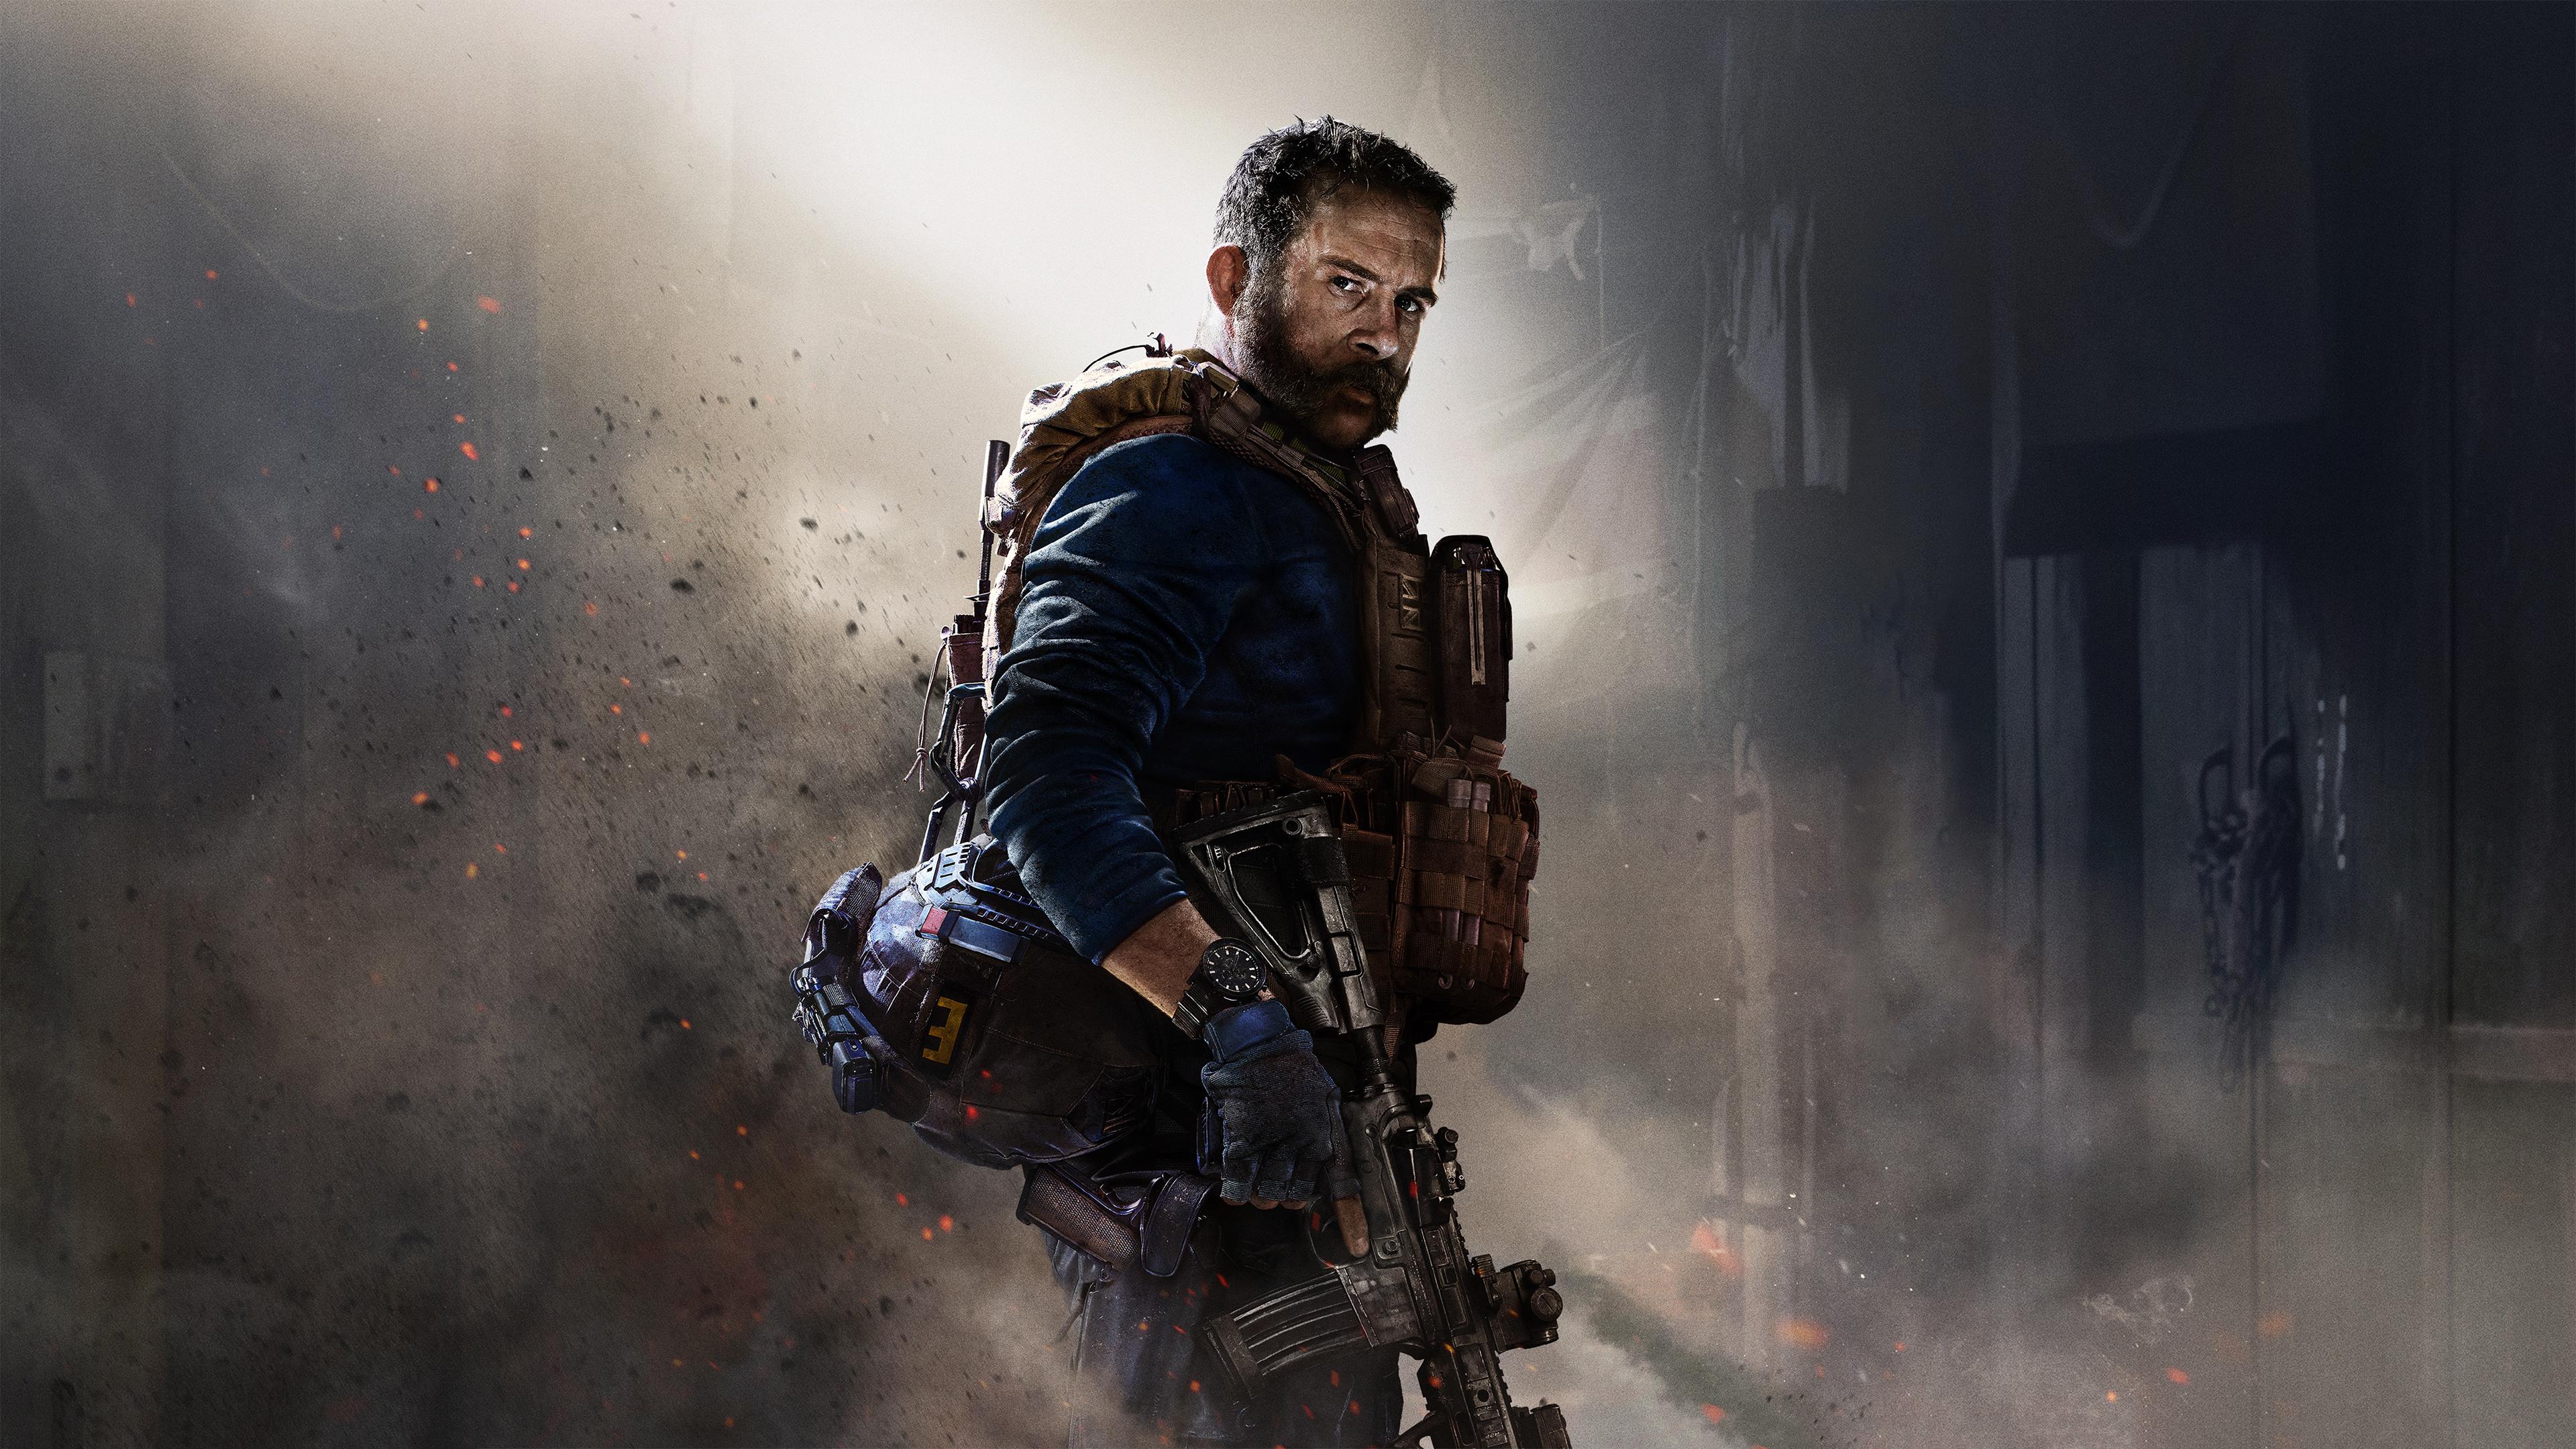 Call Of Duty Modern Warfare 2019 4k Hd Games 4k Wallpapers